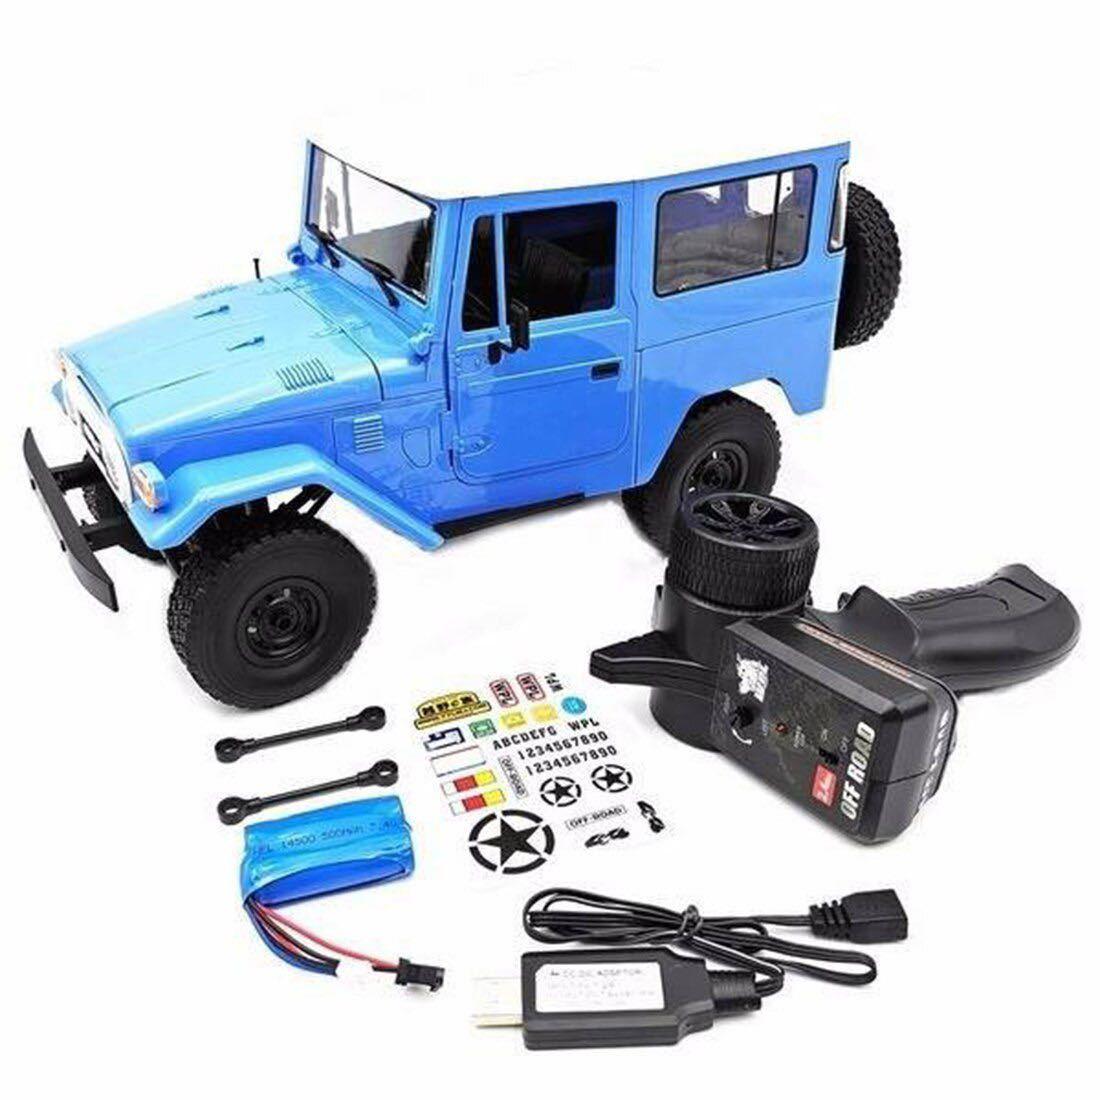 ★国内即納★青 ブルー WPL C34 ラジコンカー RC 1/16 2.4G 4WD RTR即走行セット トラック クローラー オフロード D12後継スケールロック_画像10